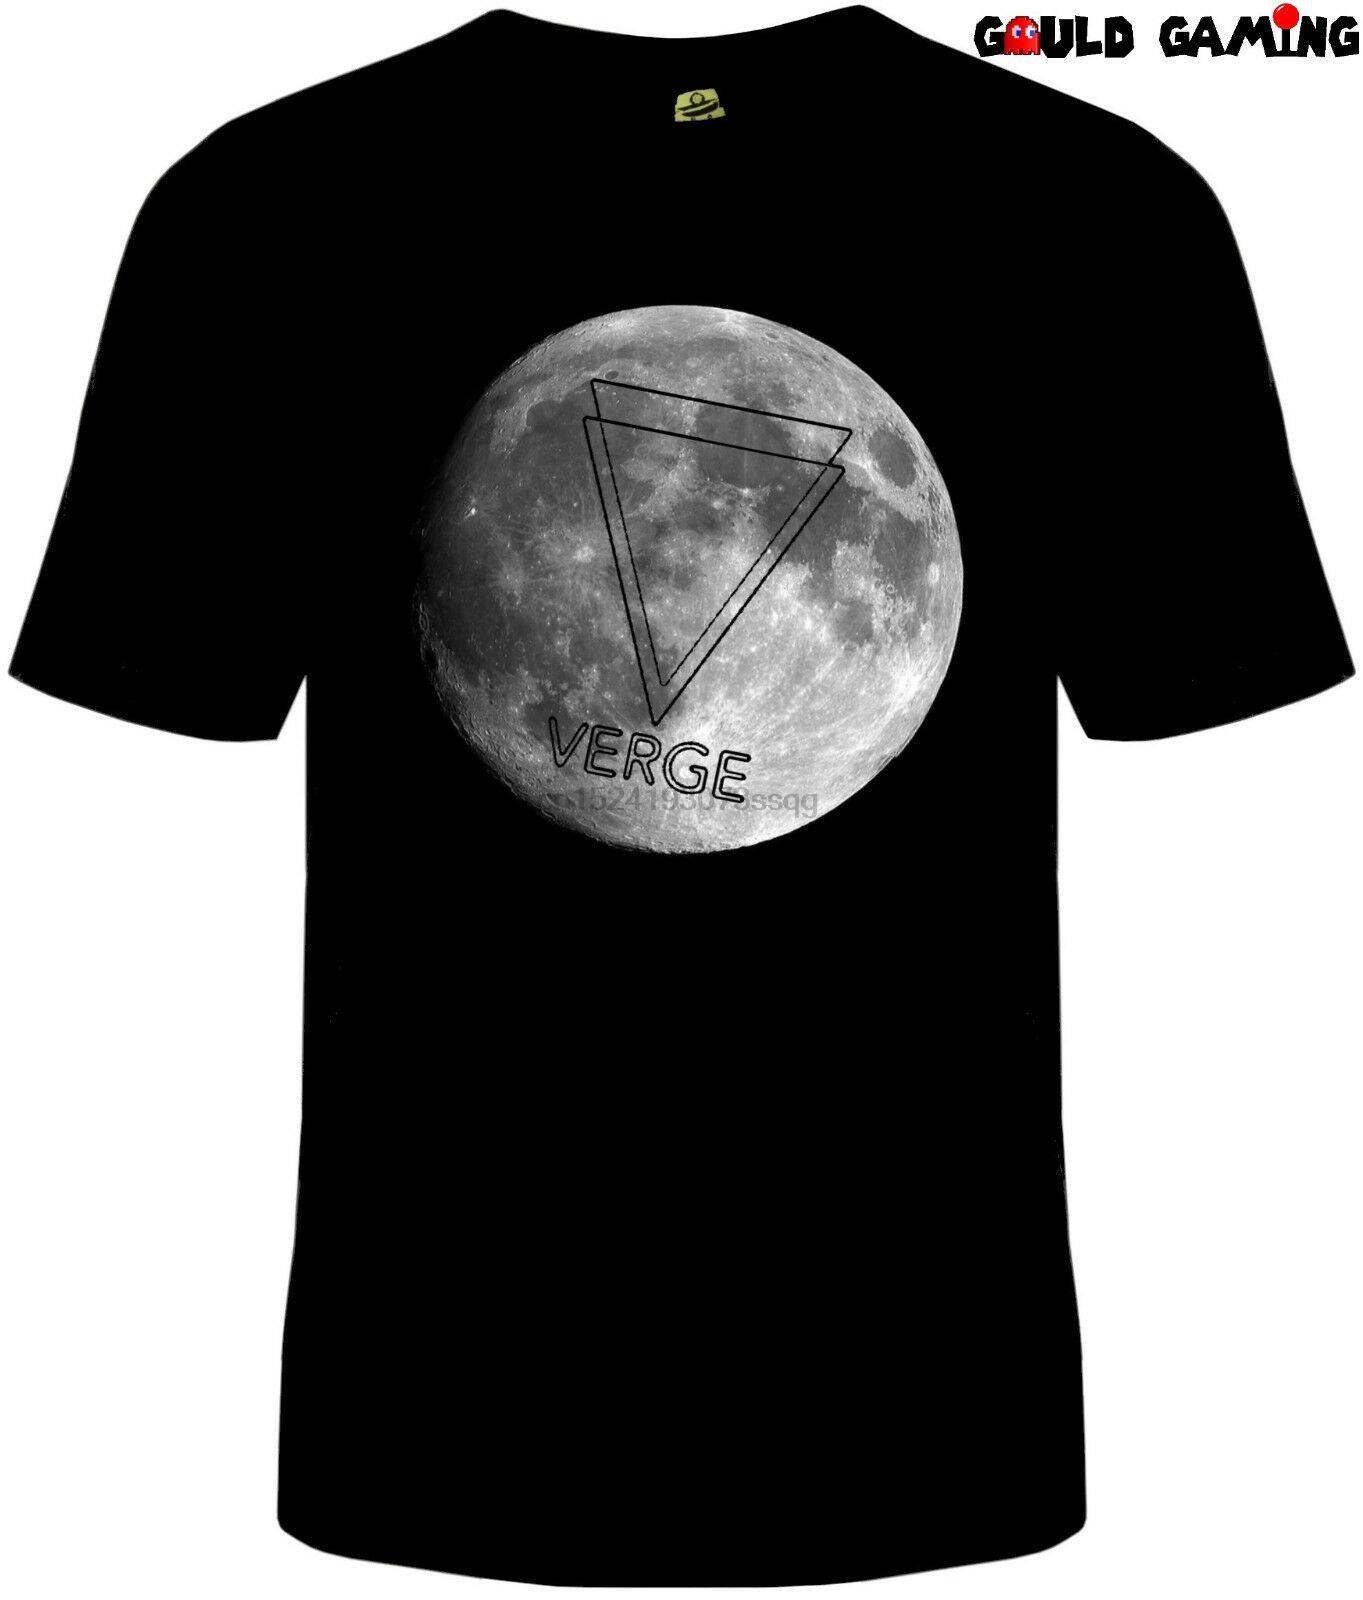 Verge à la lune T-shirt unisexe en coton Tailles adultes Bitcoin Ethereum Crypto